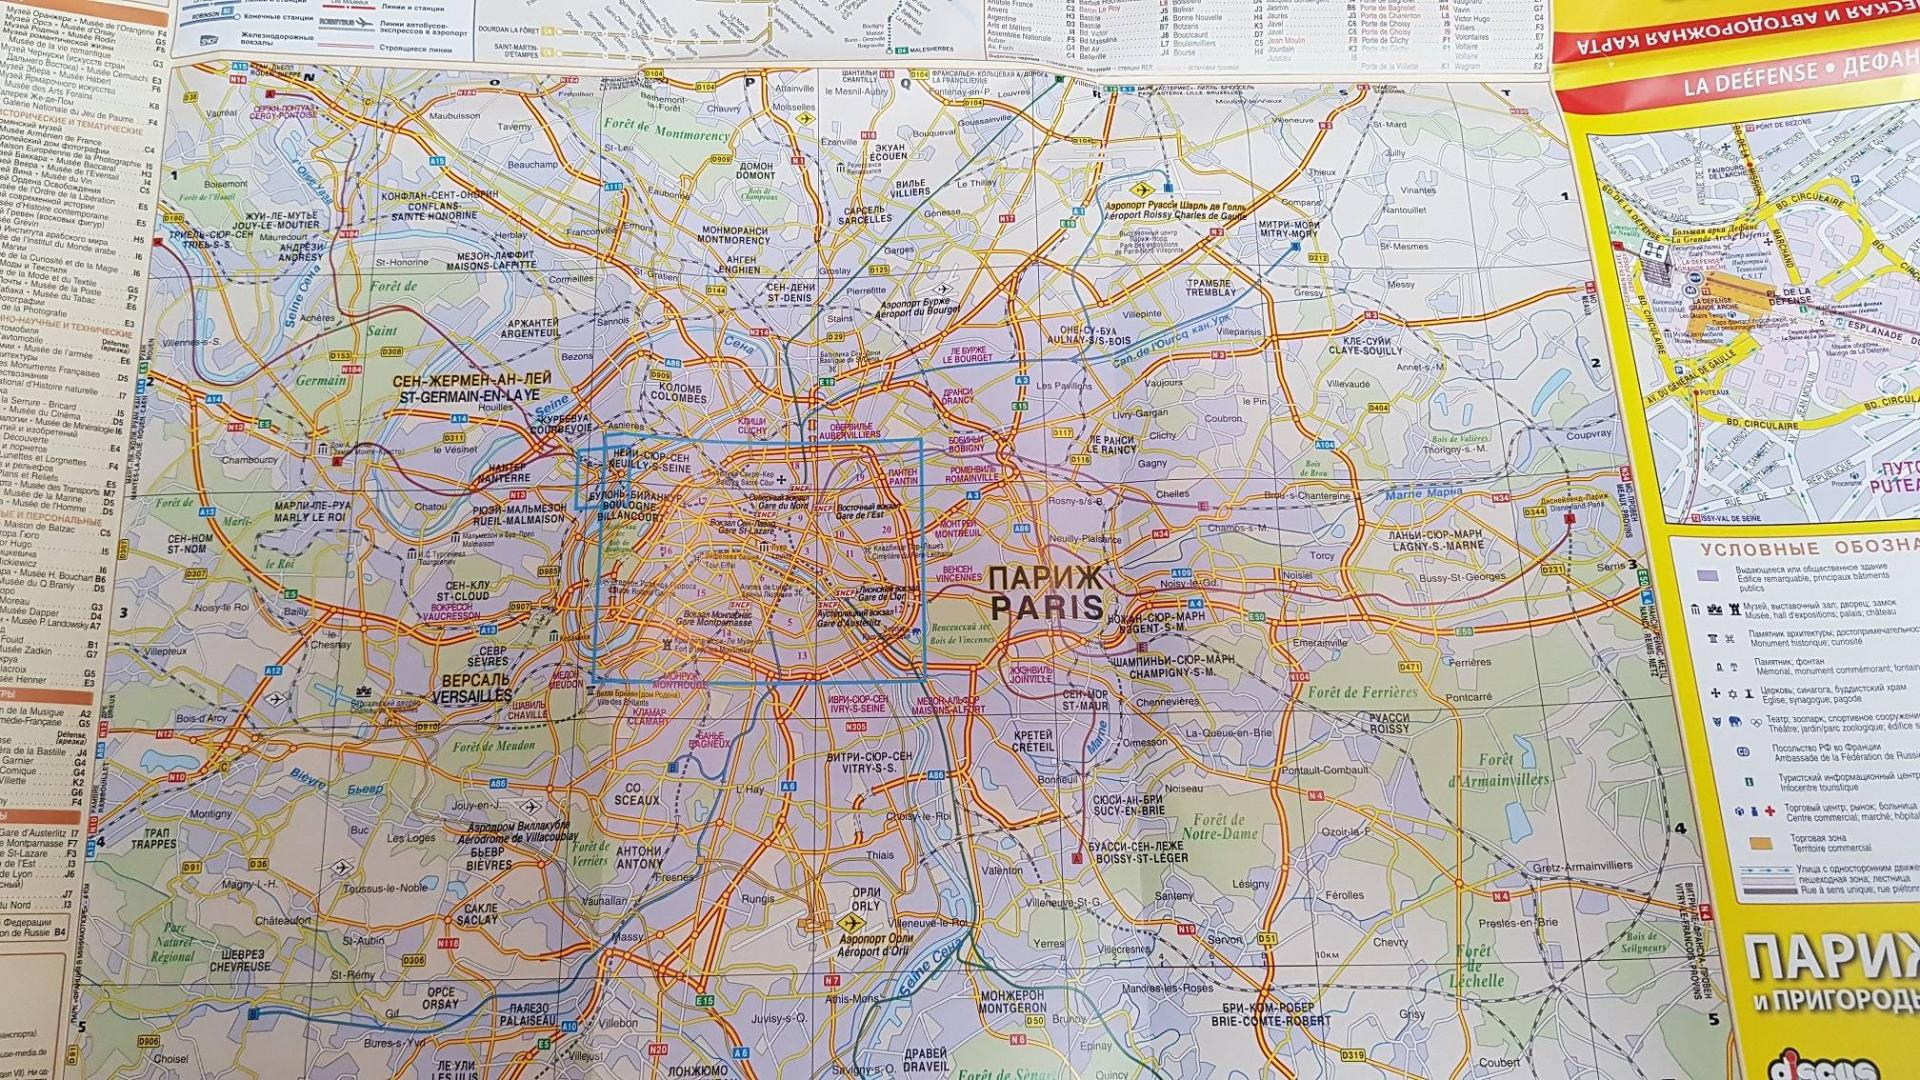 Иллюстрация 5 из 17 для Париж и пригороды. Автодорожная и туристическая карта города (на русском языке) | Лабиринт - книги. Источник: Lana Ap.